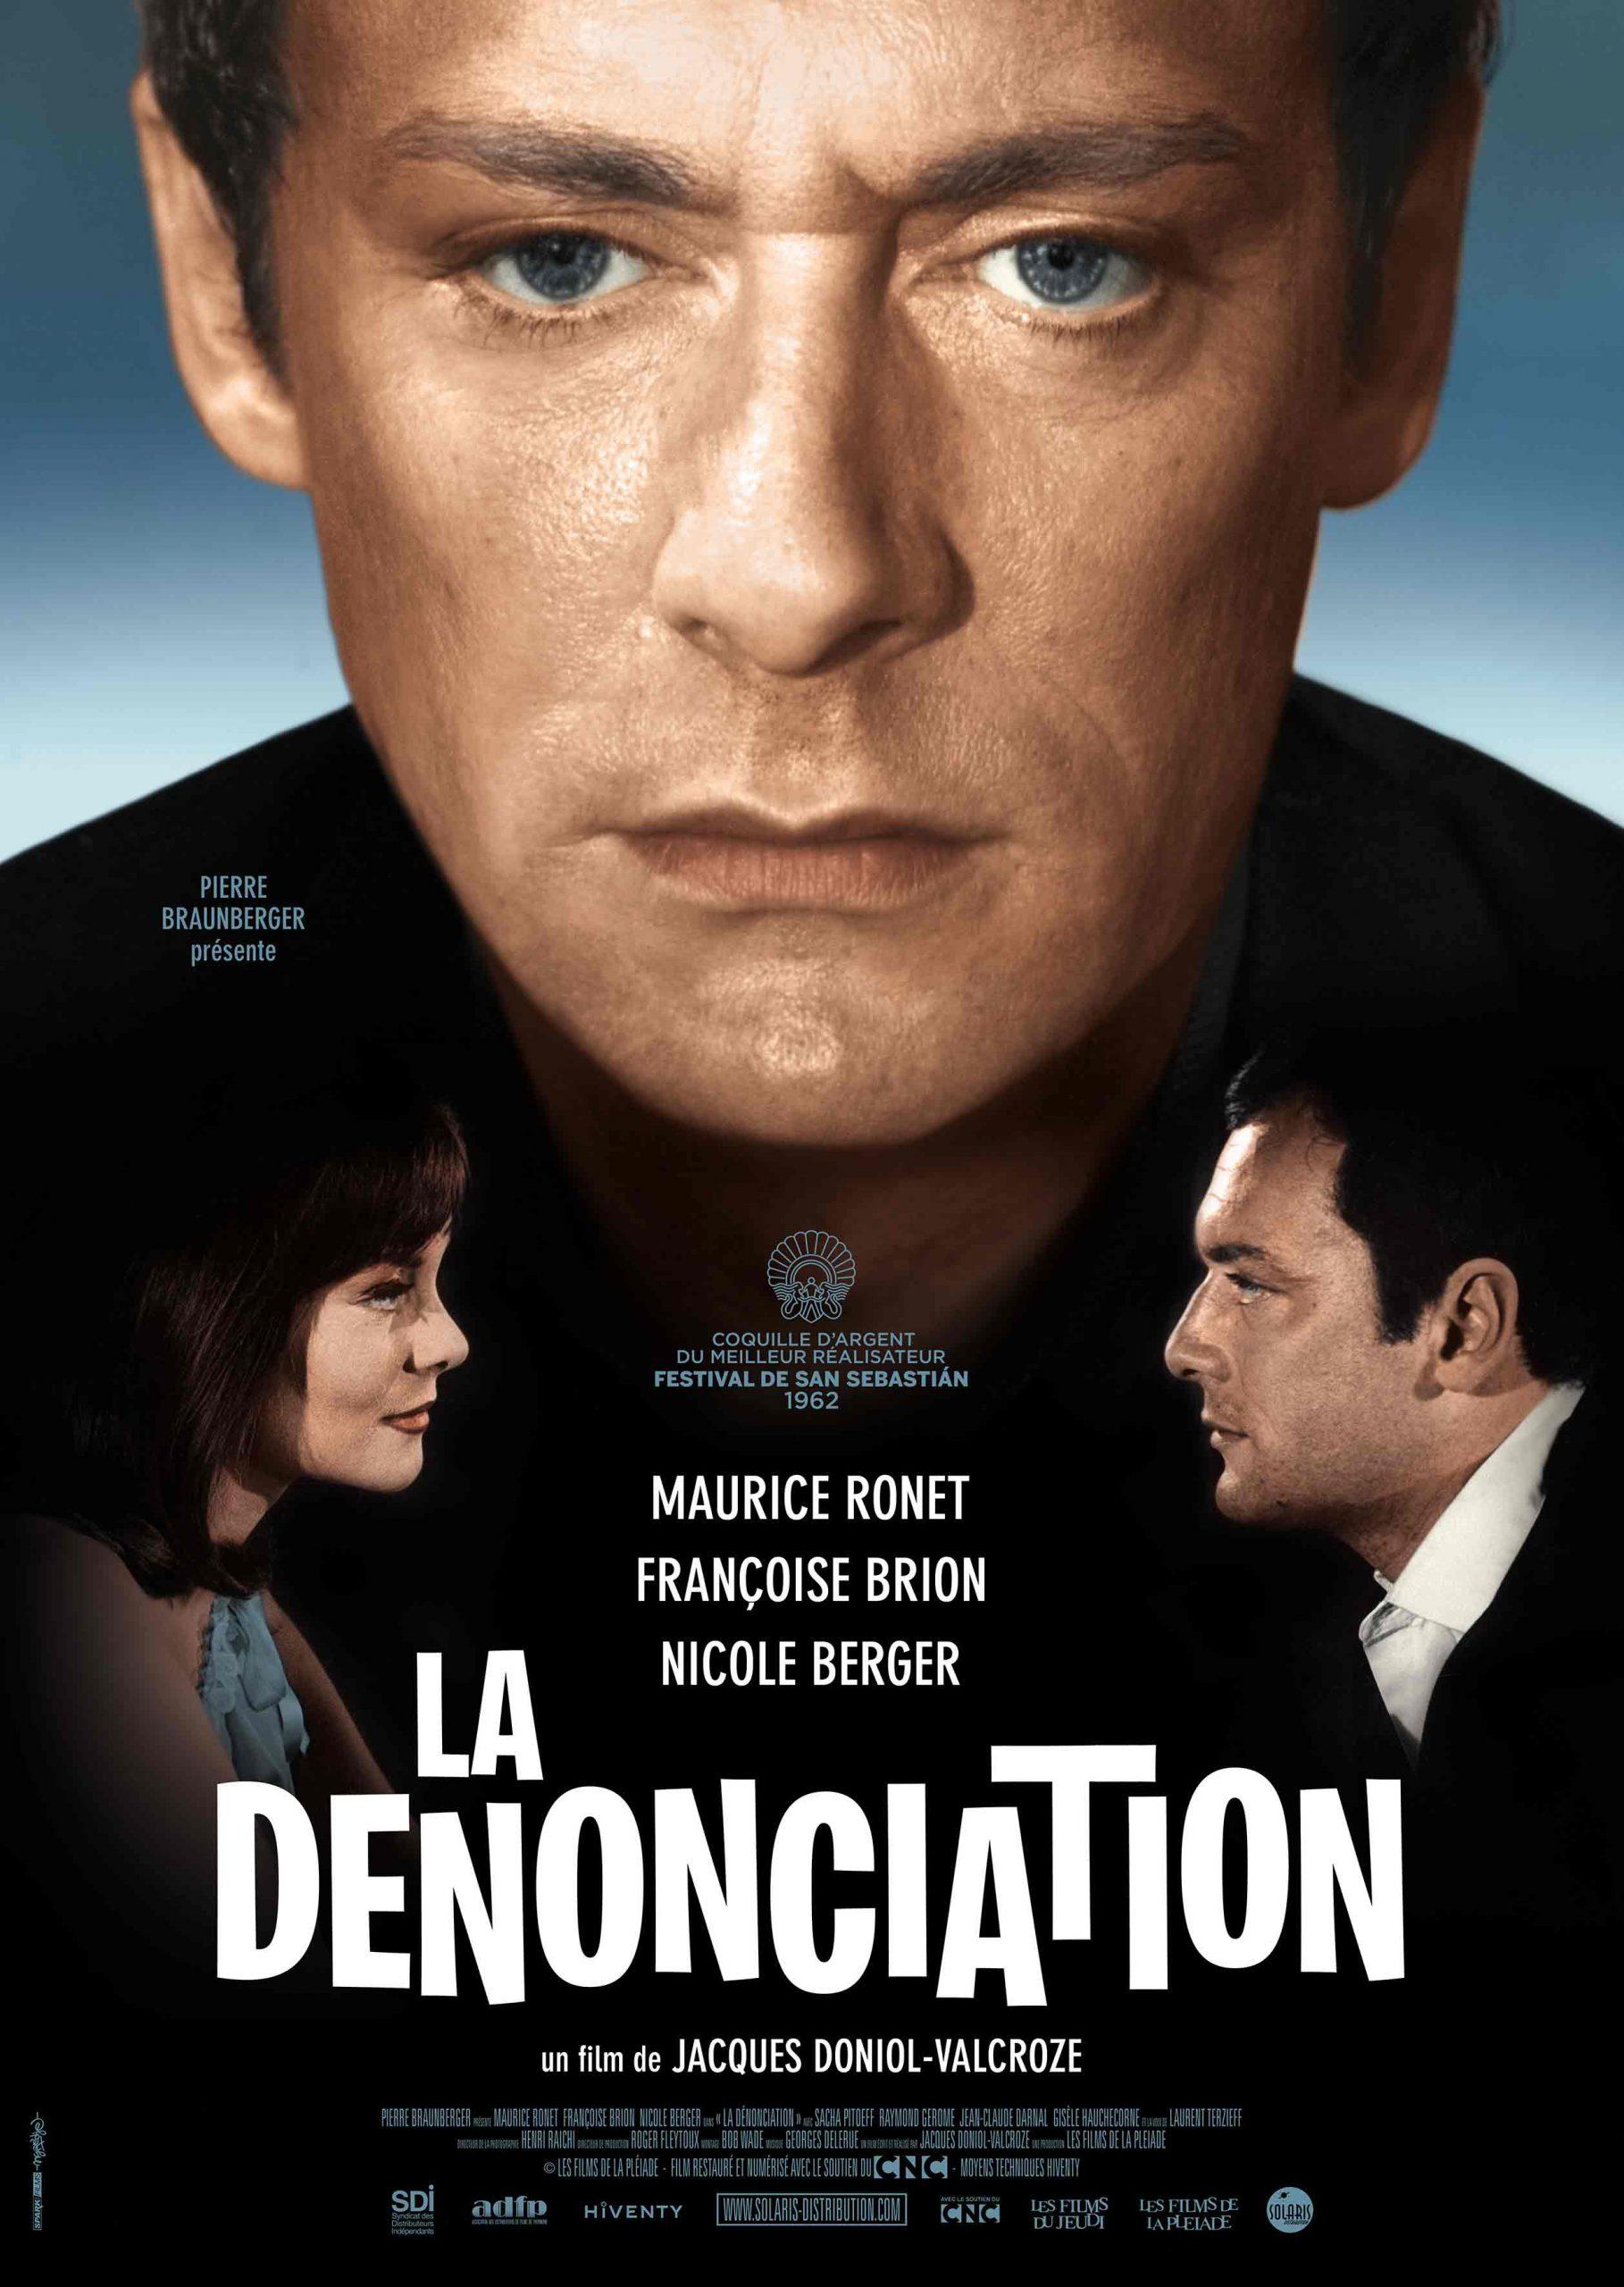 LA DÉNONCIATION - Affiche